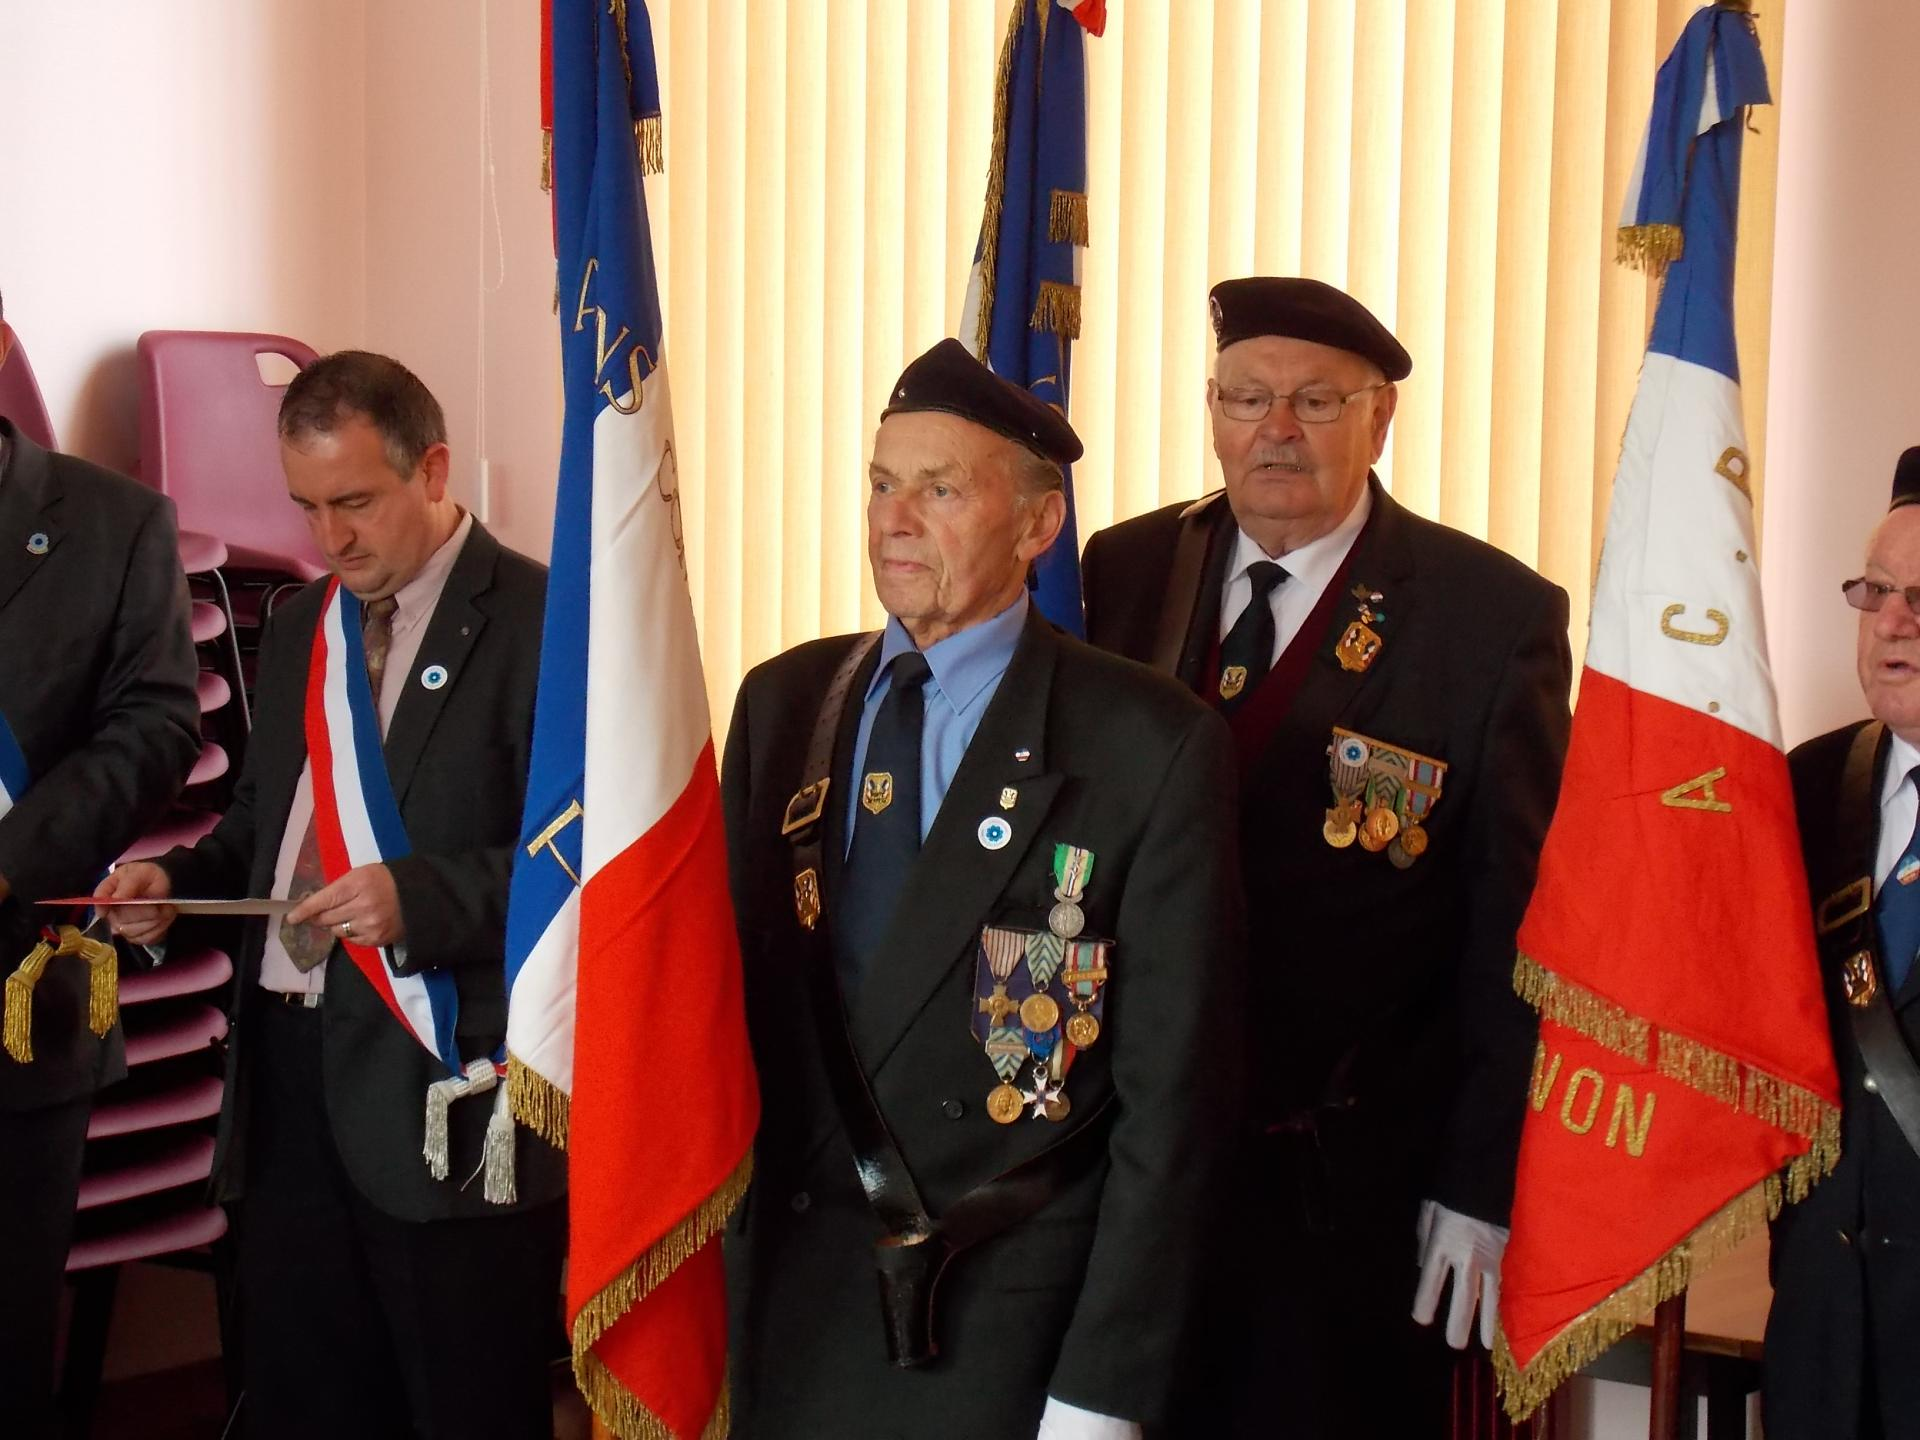 10 ans de porte-drapeau; remise de décoration.